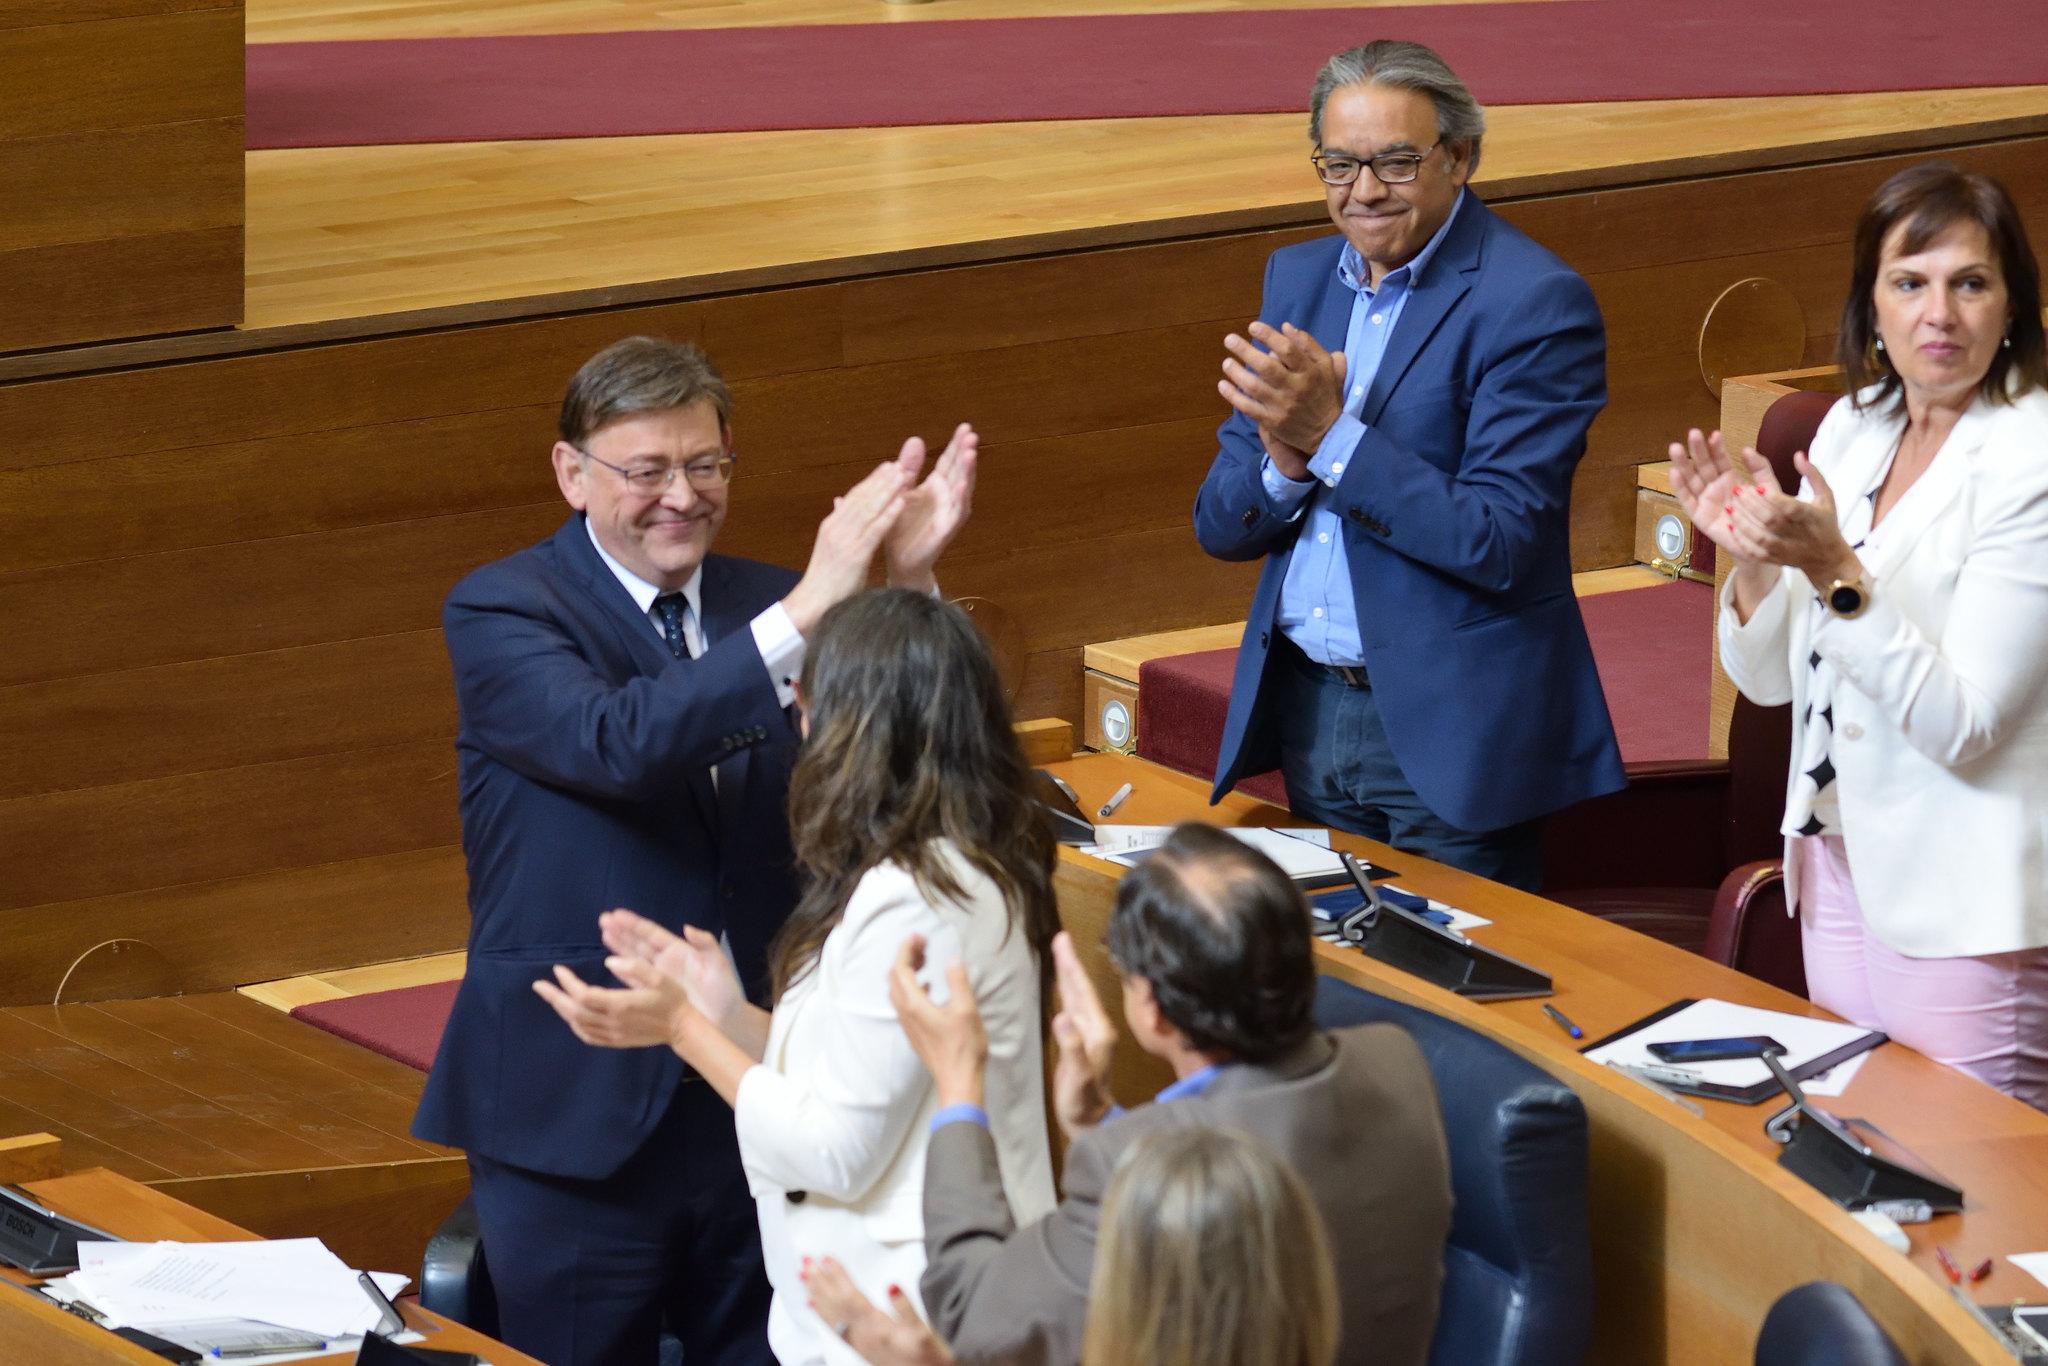 """Ximo Puig: """"Los valencianos nos han otorgado su confianza para que solucionemos conjuntamente los problemas, hagamos buena política"""""""